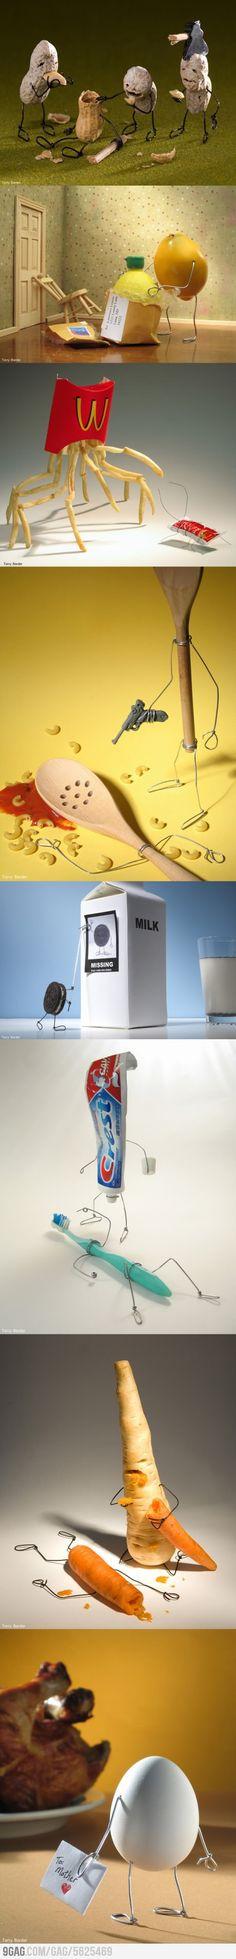 Humor gráfico con alimentos muy curiosos :)